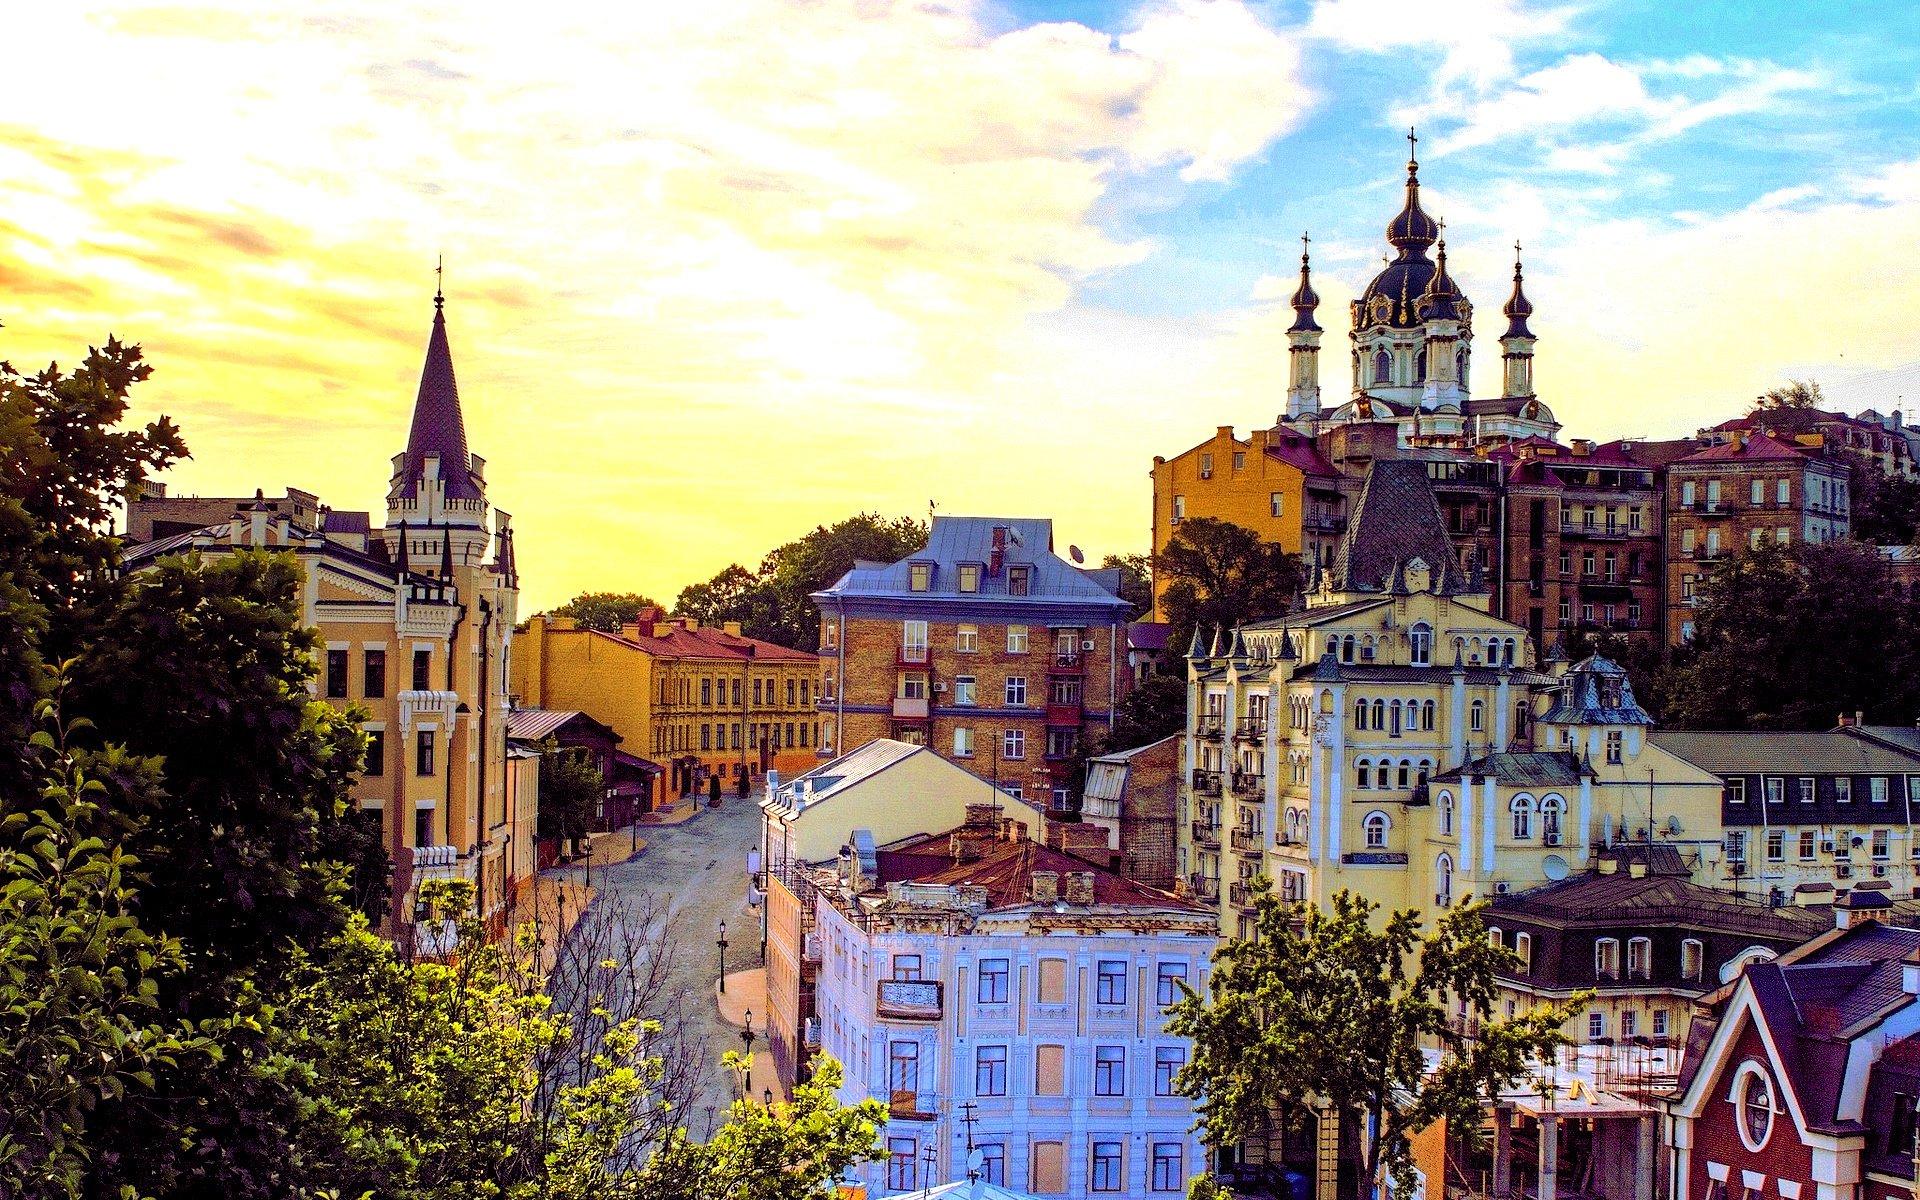 9 найцікавіших місць Києва: зізнання столичних екскурсоводів